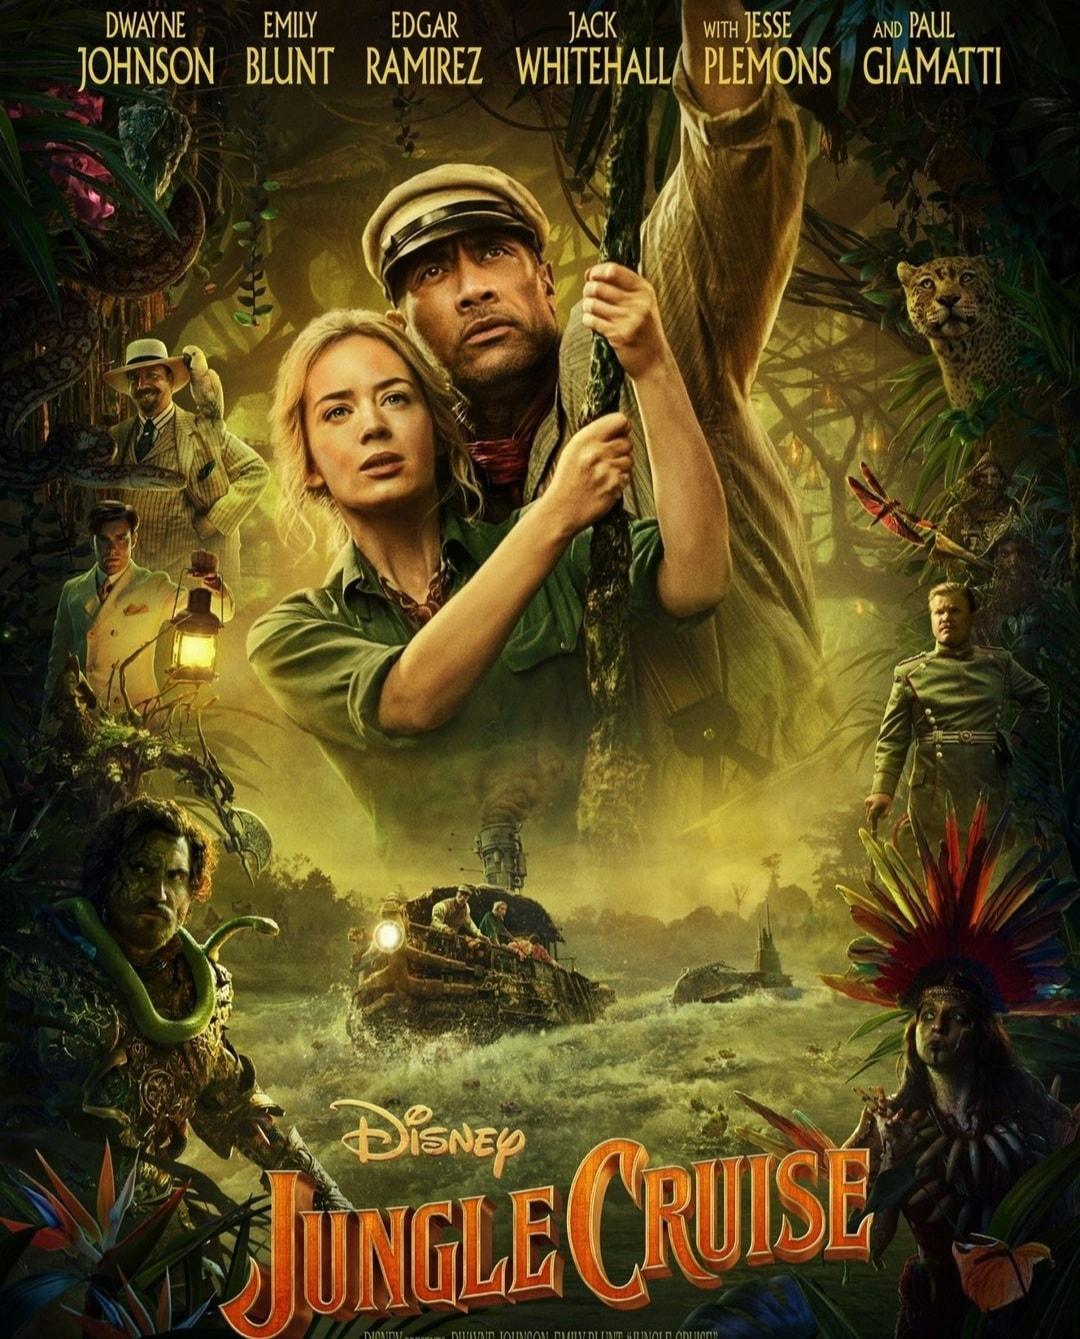 Jungle Cruise kommt am 29. Juli in die Kinos und am 30. Juli als Stream mit VIP - Access zu Disney+